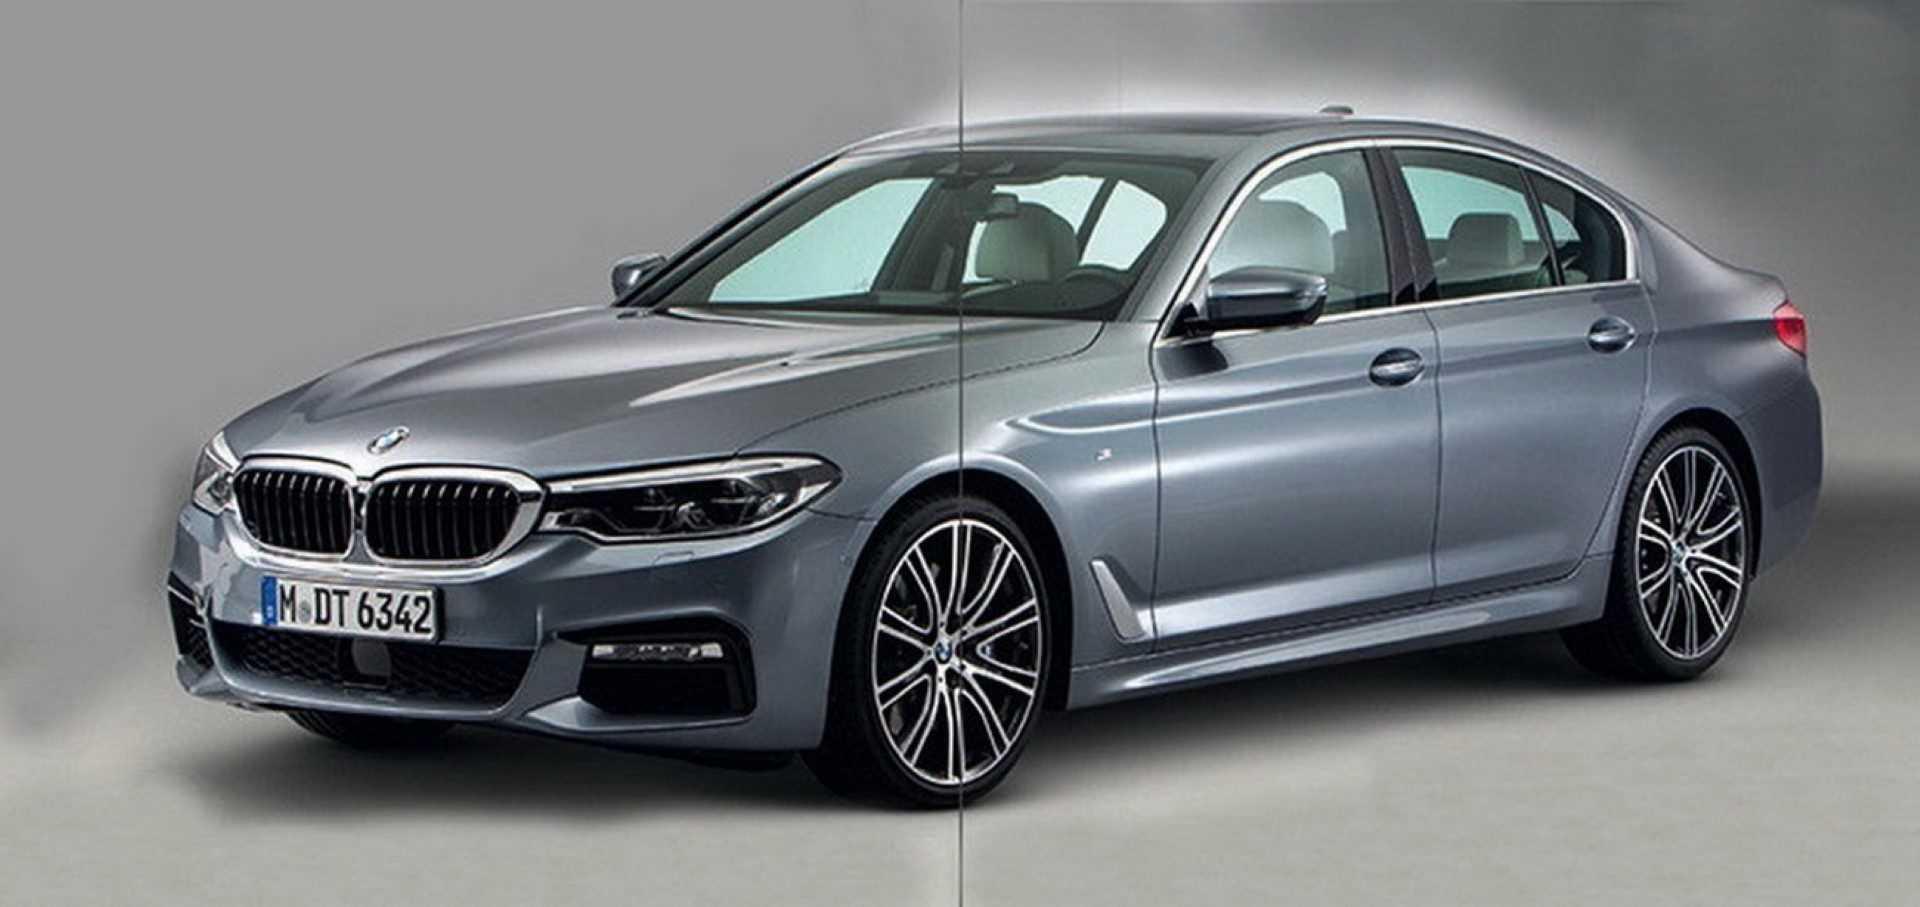 BMW 5 Serie 2017 (gelekt)